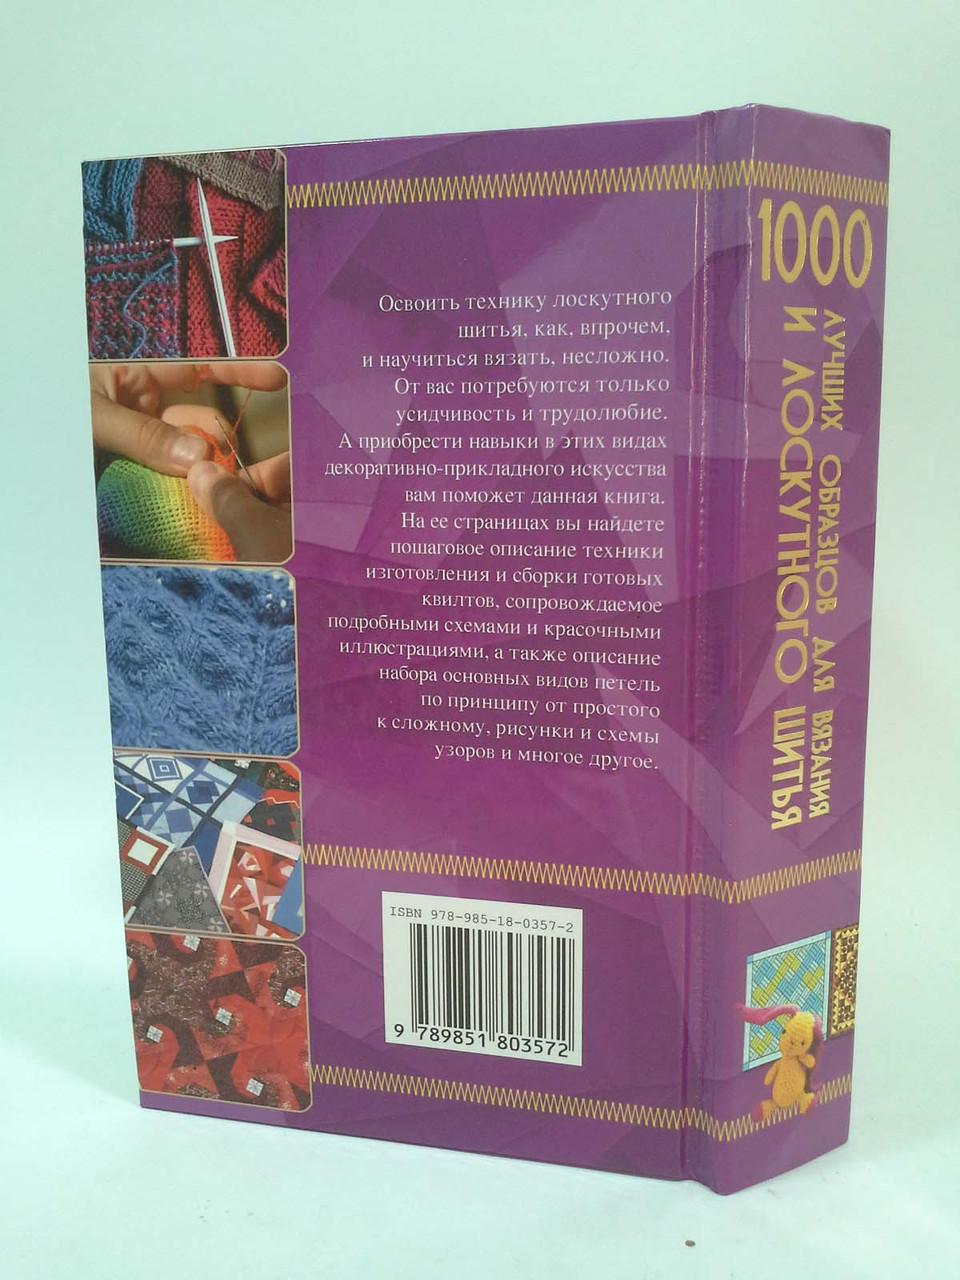 аст кб цветн 1000 лучших образцов для вязания и лоскутного шитья